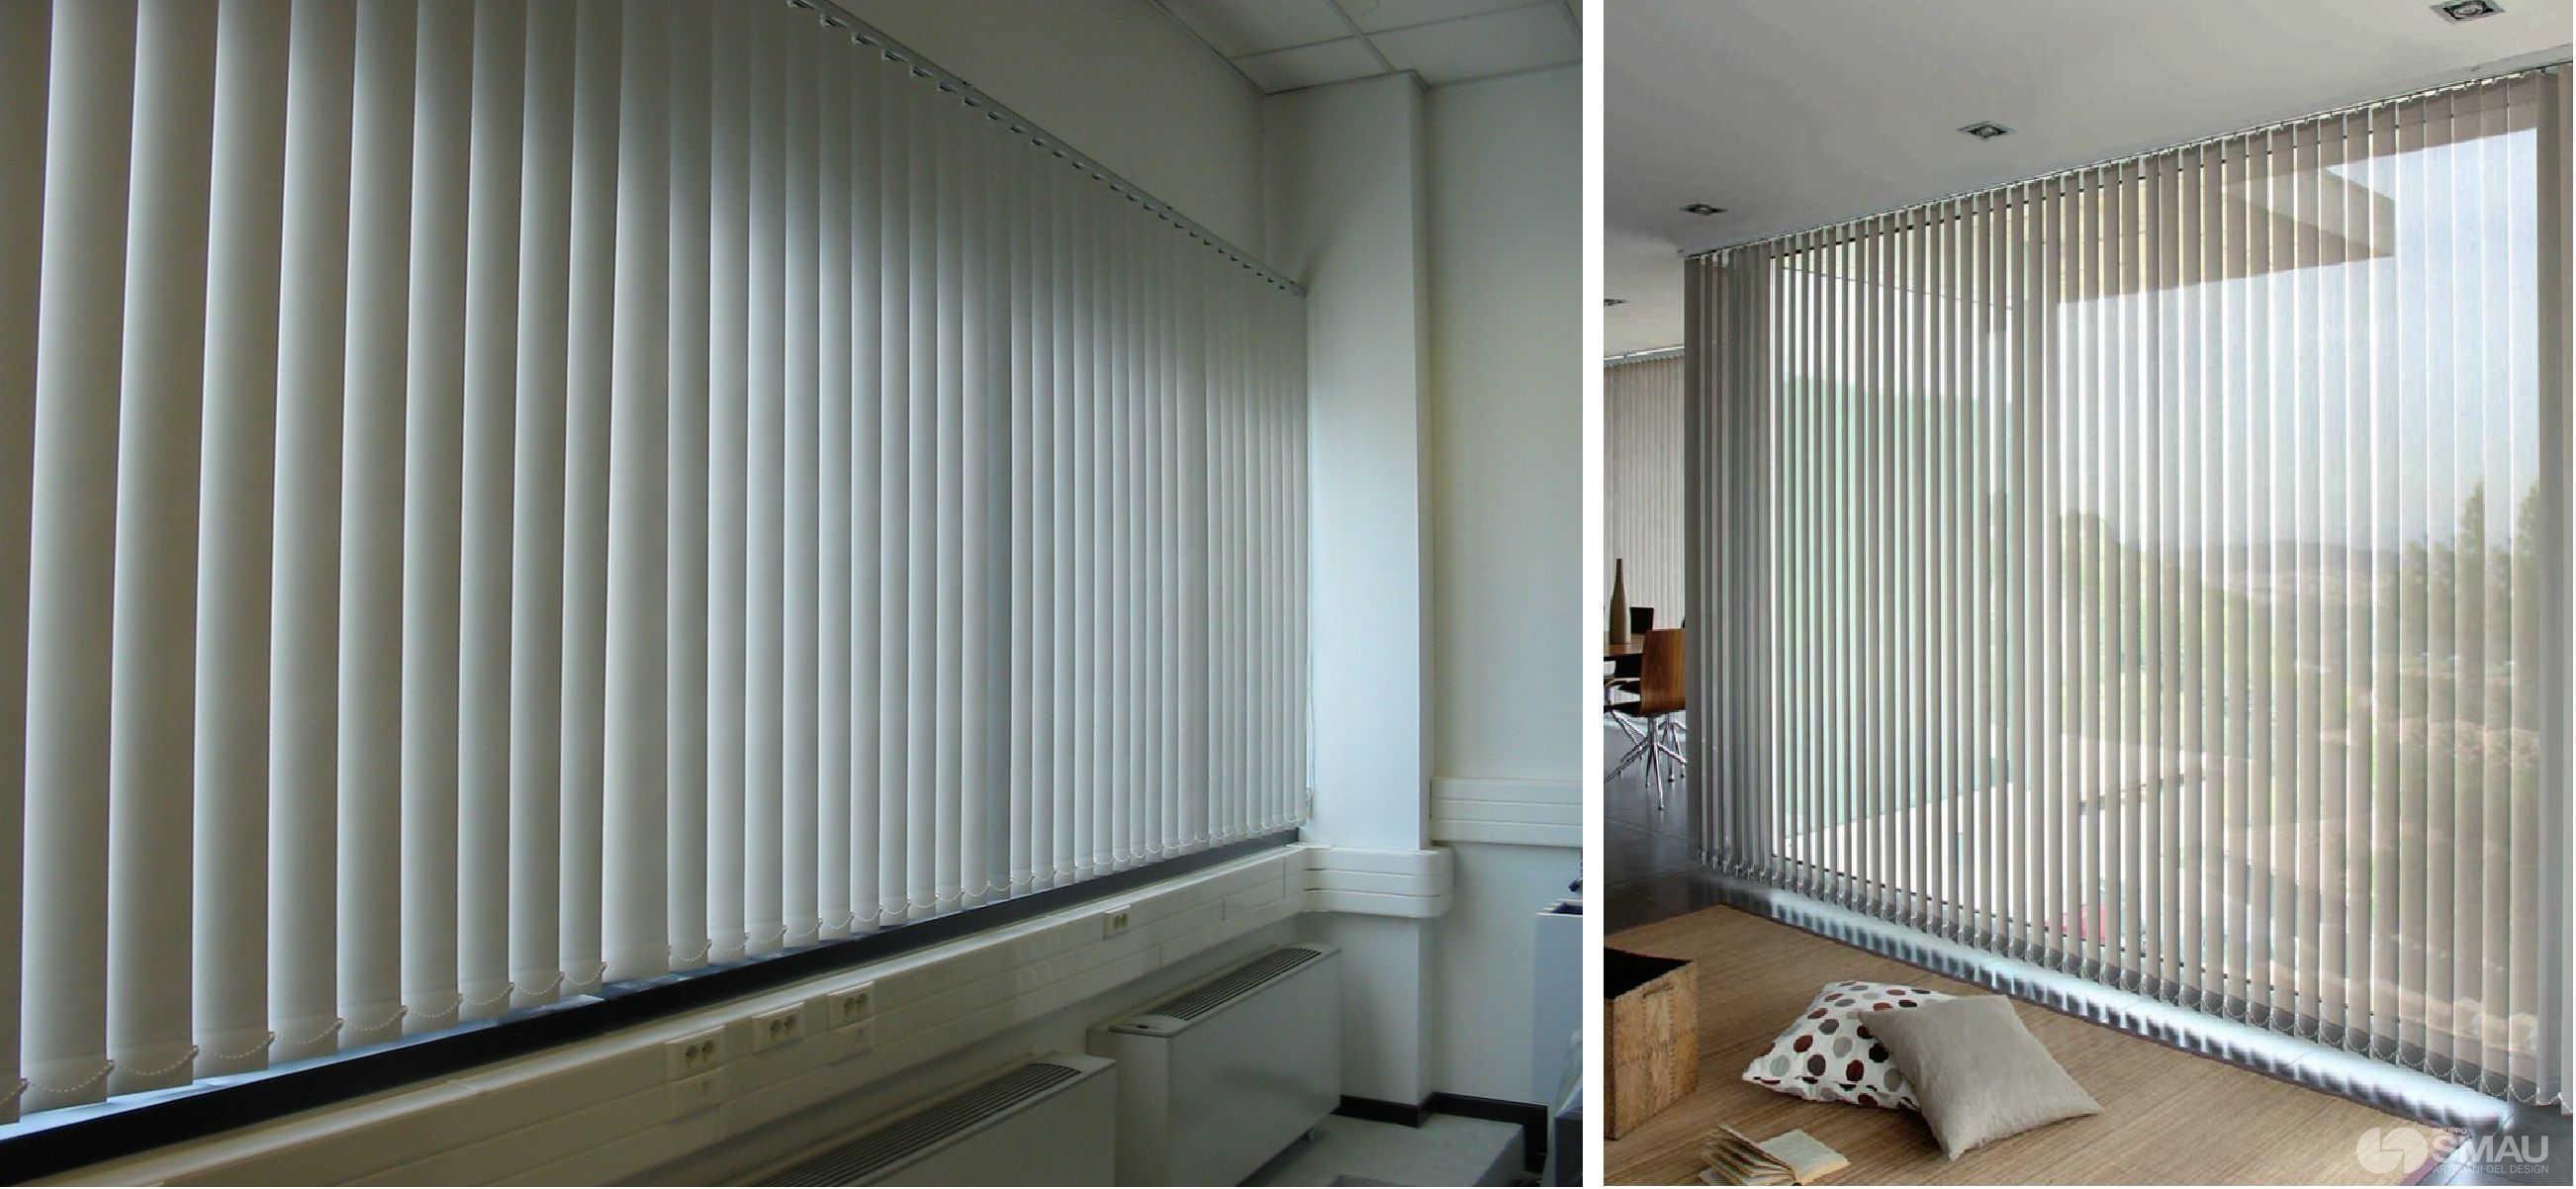 Tende divisorie ambienti oppure potreste creare un muro divisorio in cartongesso come abbiamo - Tende a pannello per ufficio ...